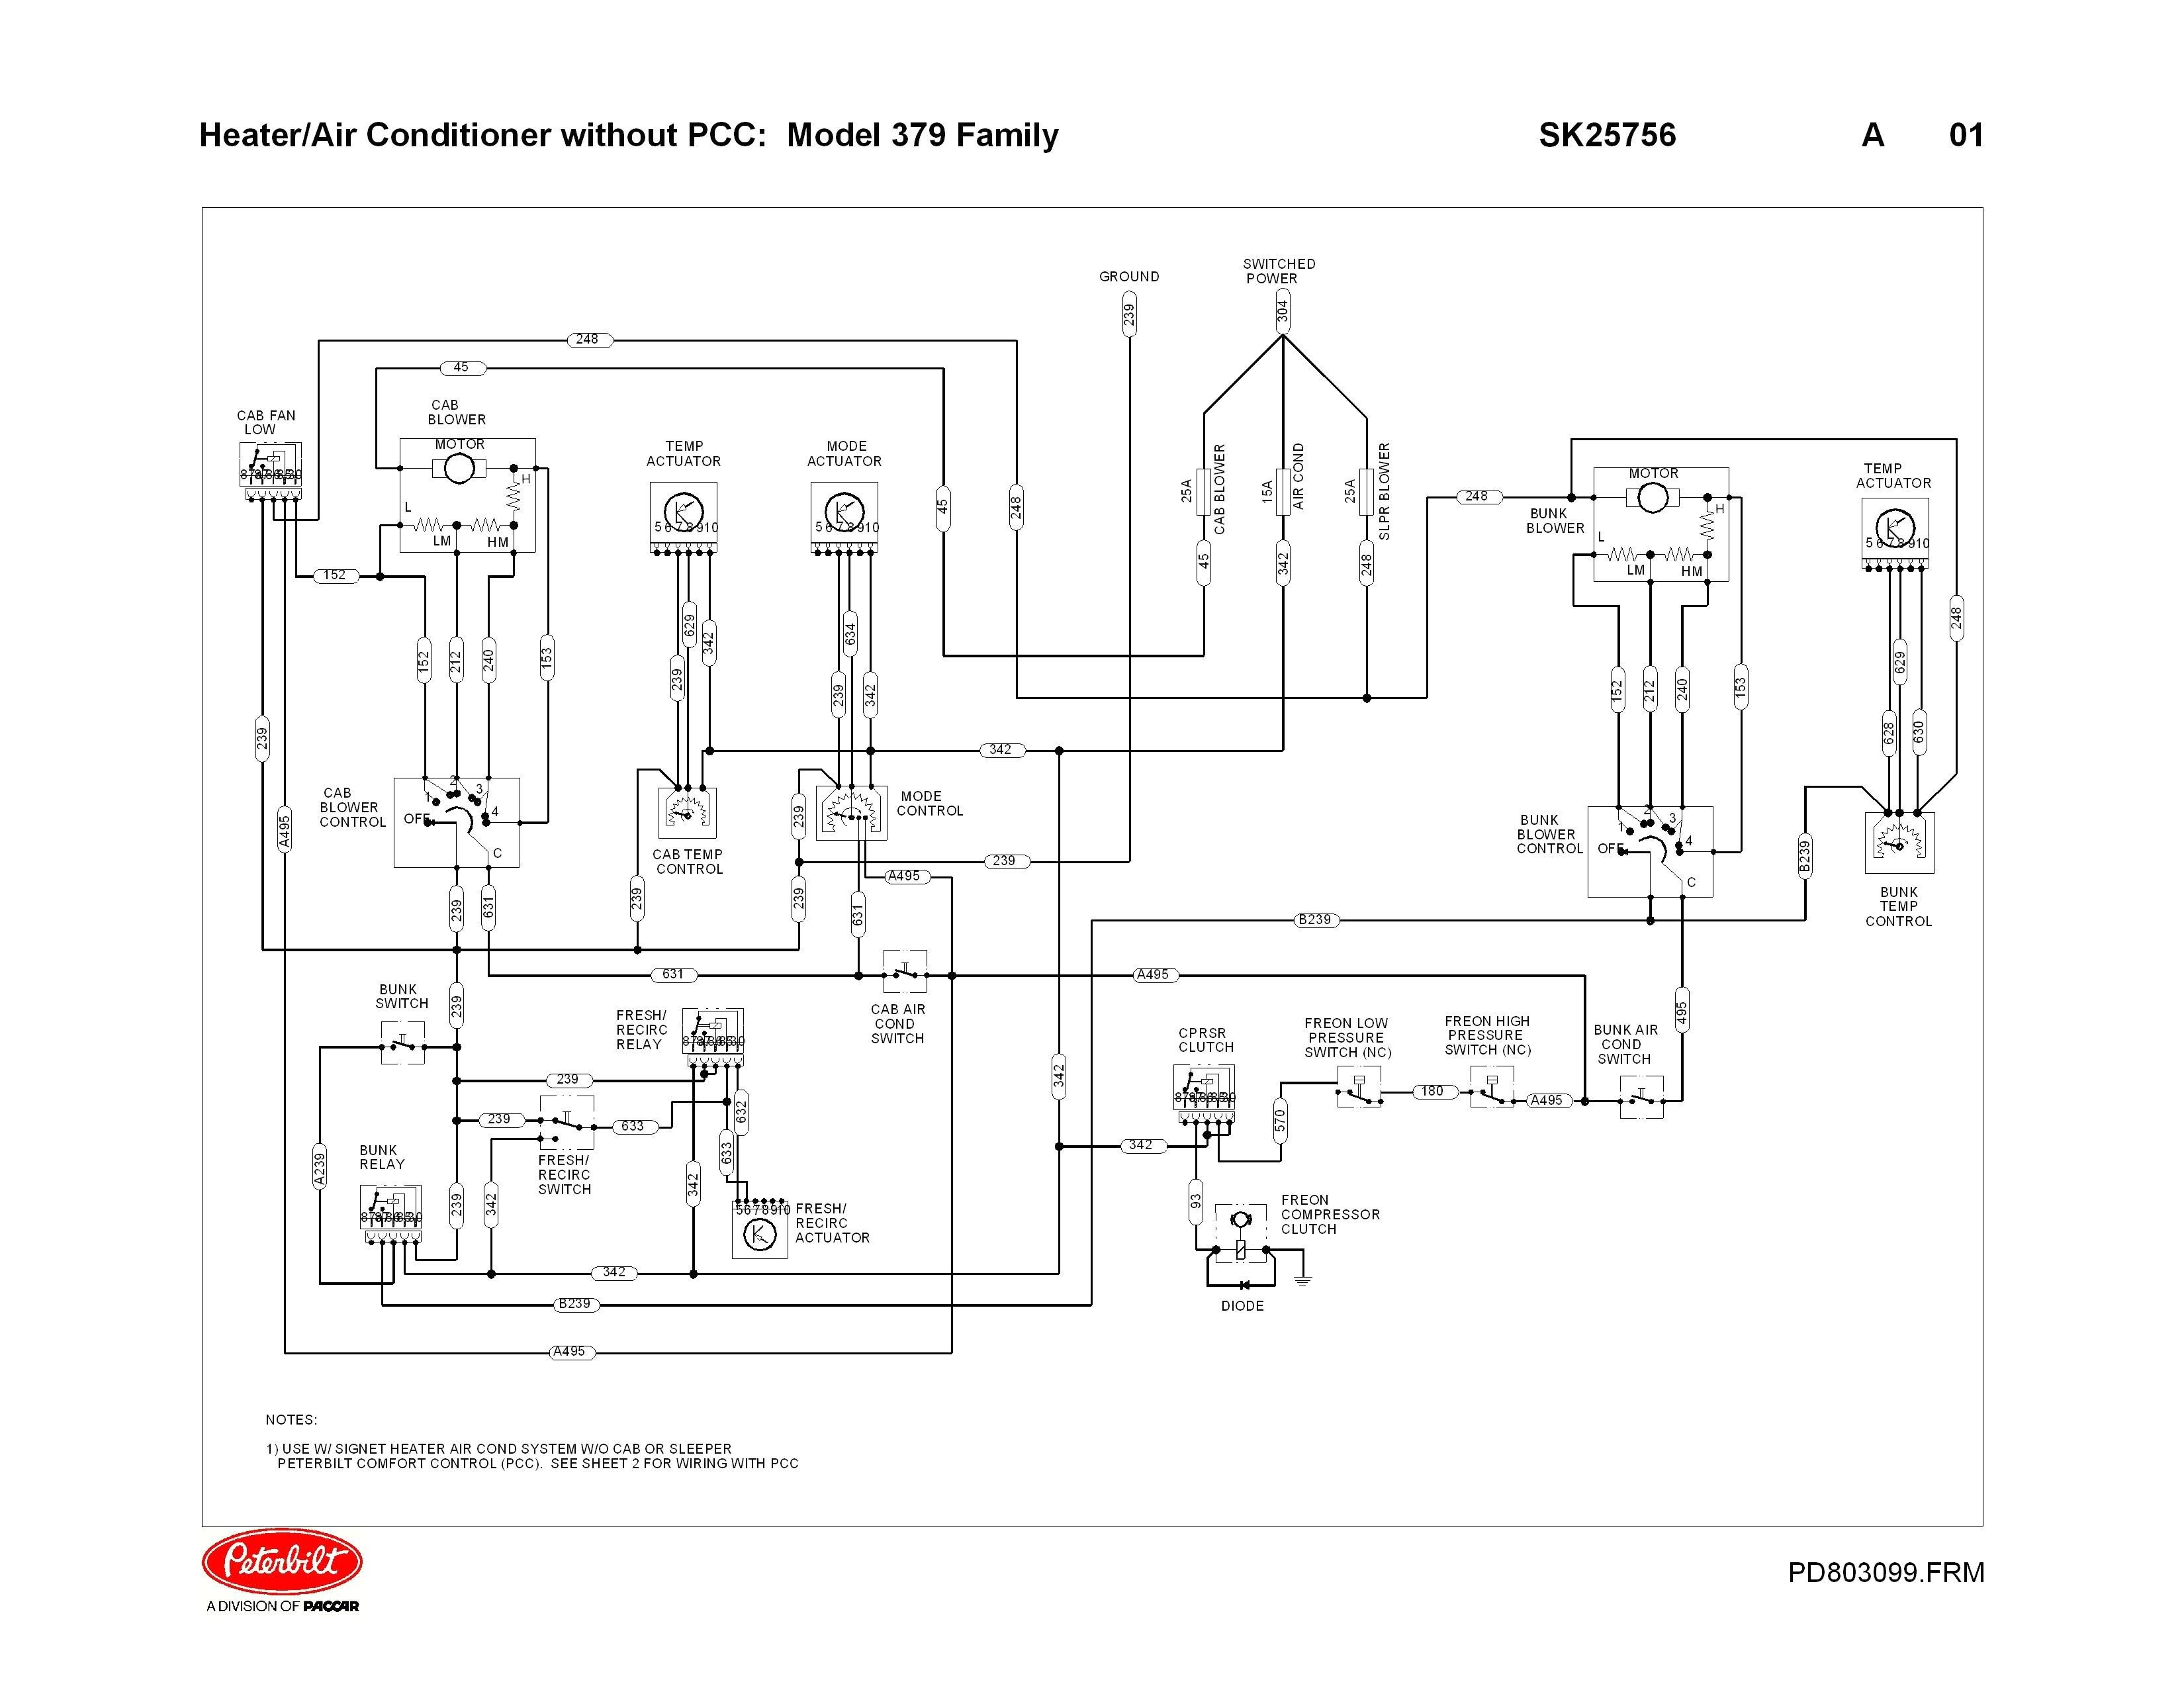 1998 Peterbilt 379 Wiring Diagram 1996 Peterbilt 379 Wiring Diagram Wiring Diagram Database